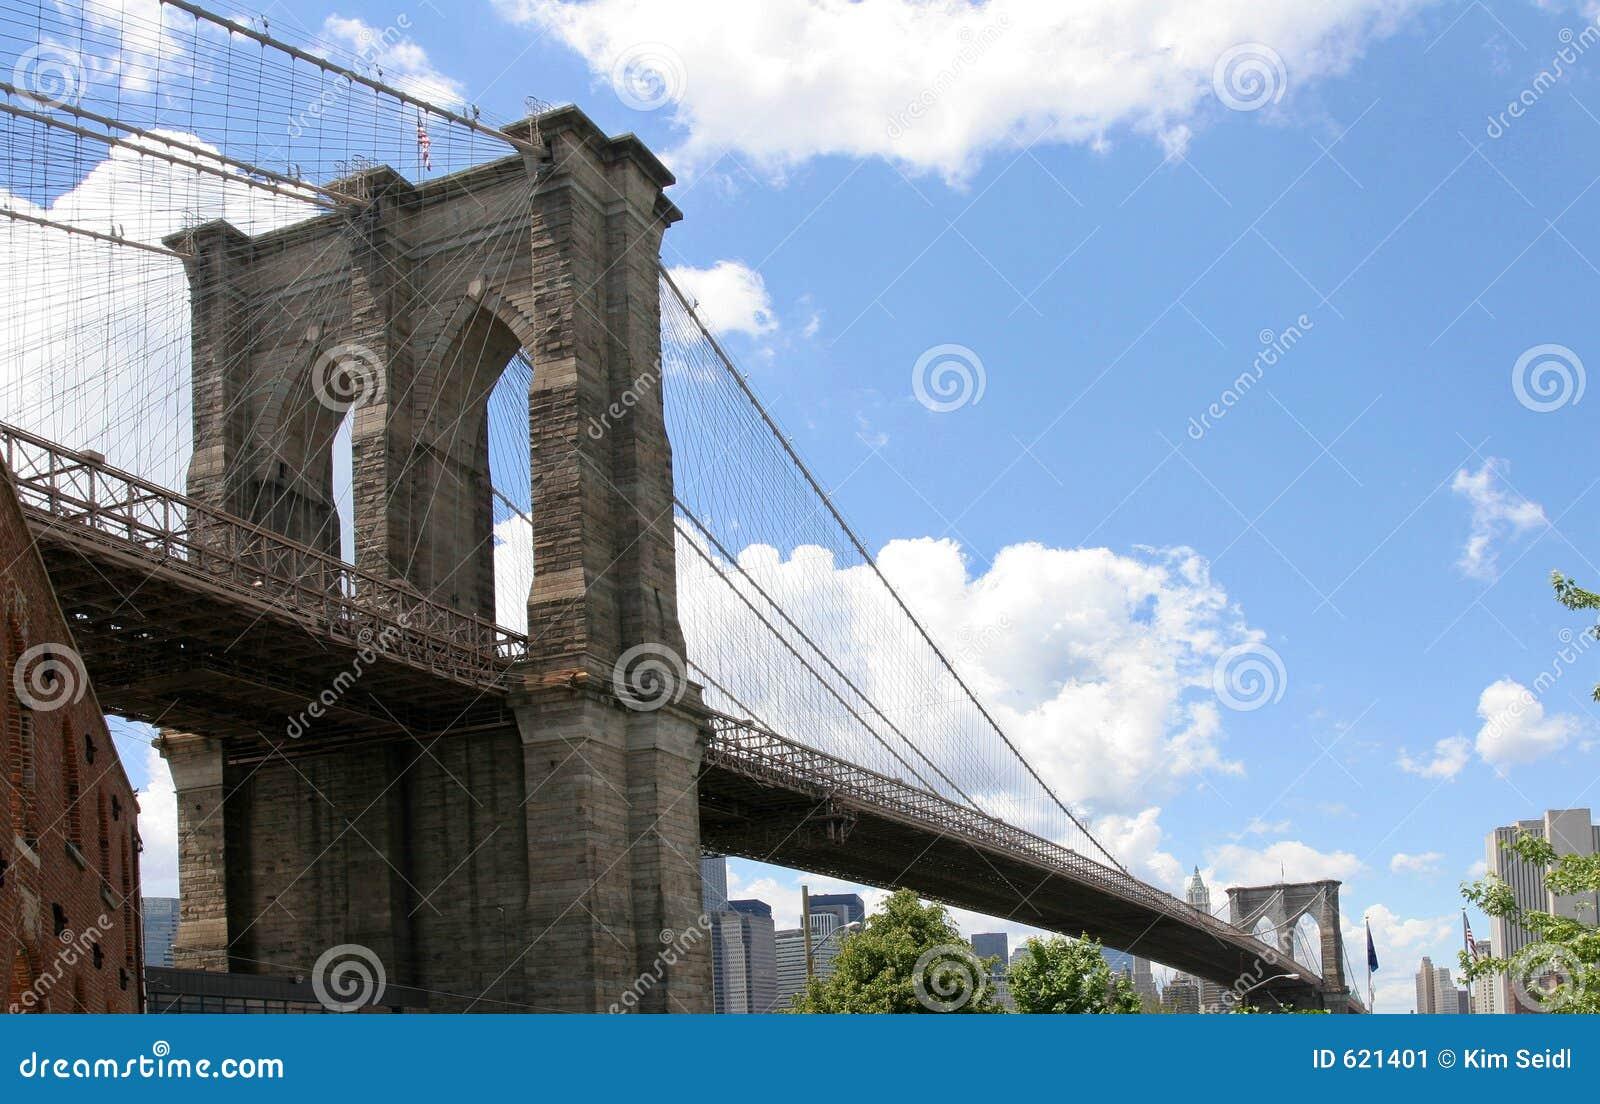 De Spanwijdte van de Brug van Brooklyn